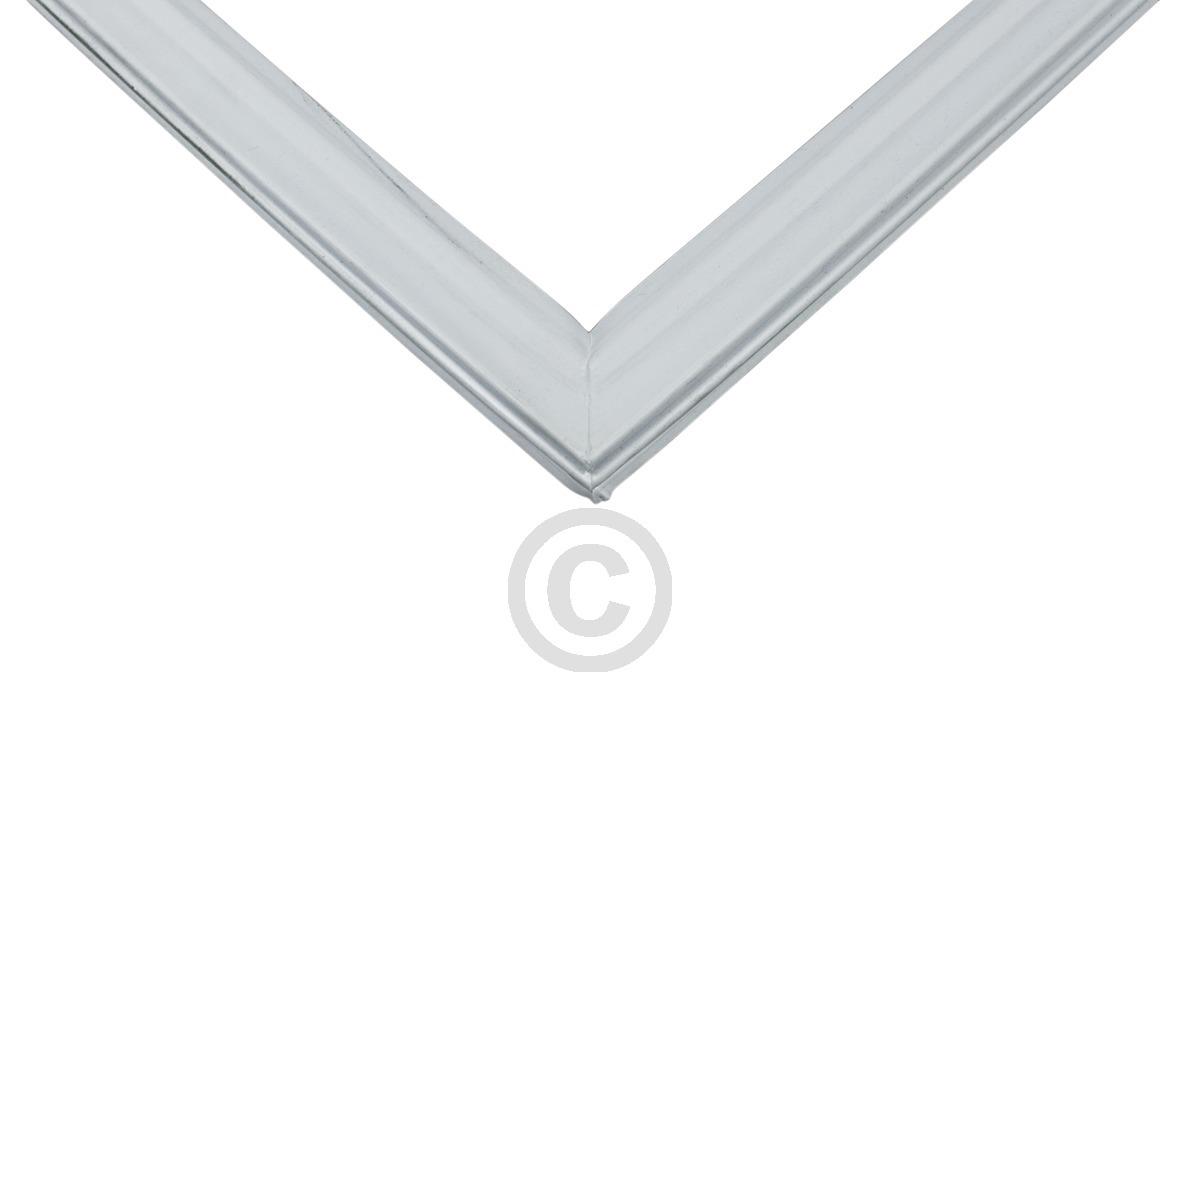 Türdichtung Kühlabteil Whirlpool 480132101186 Original für Kühlschrank Indesit H